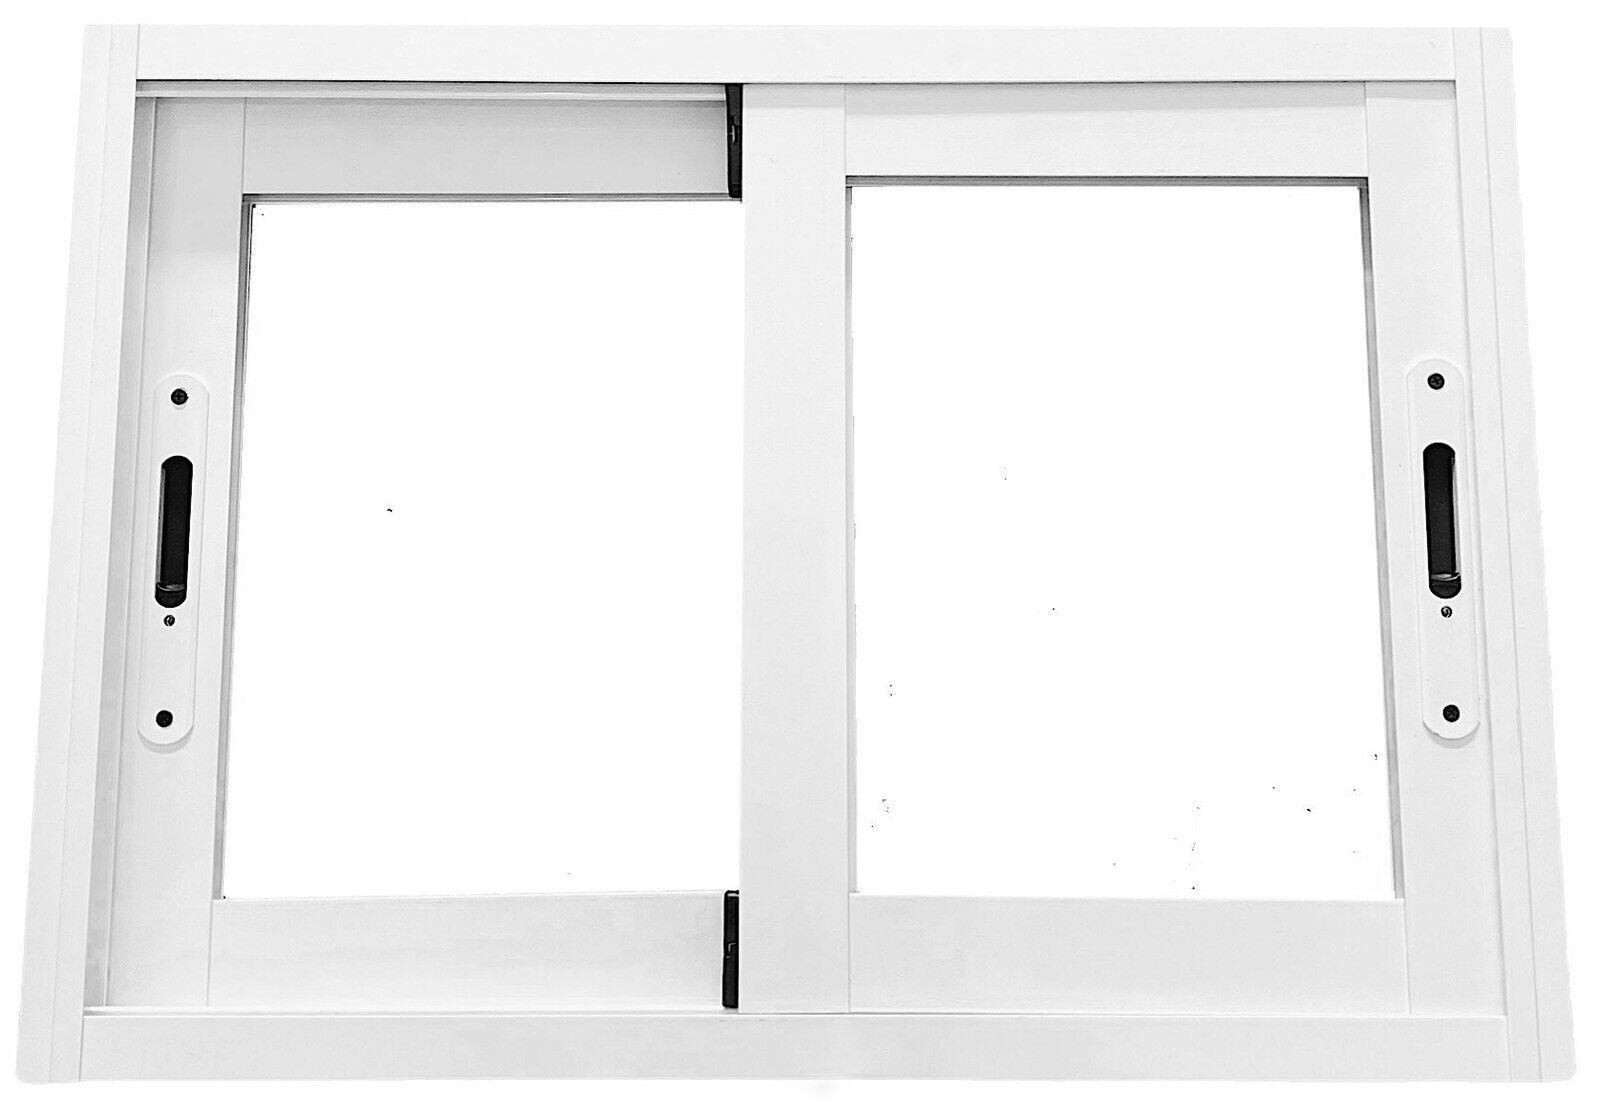 Ventana corredera de aluminio blanco a medida Ancho maximo 45cm alto maximo 45cm